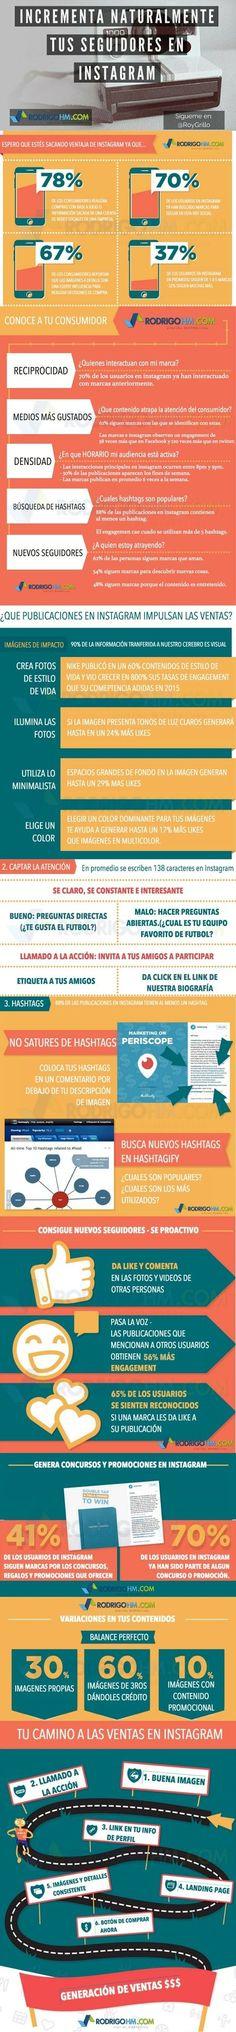 Cómo aumentar tus seguidores en Instagram #infografia #infographic #socialmedia | Redes sociales y Social Media | Scoop.it